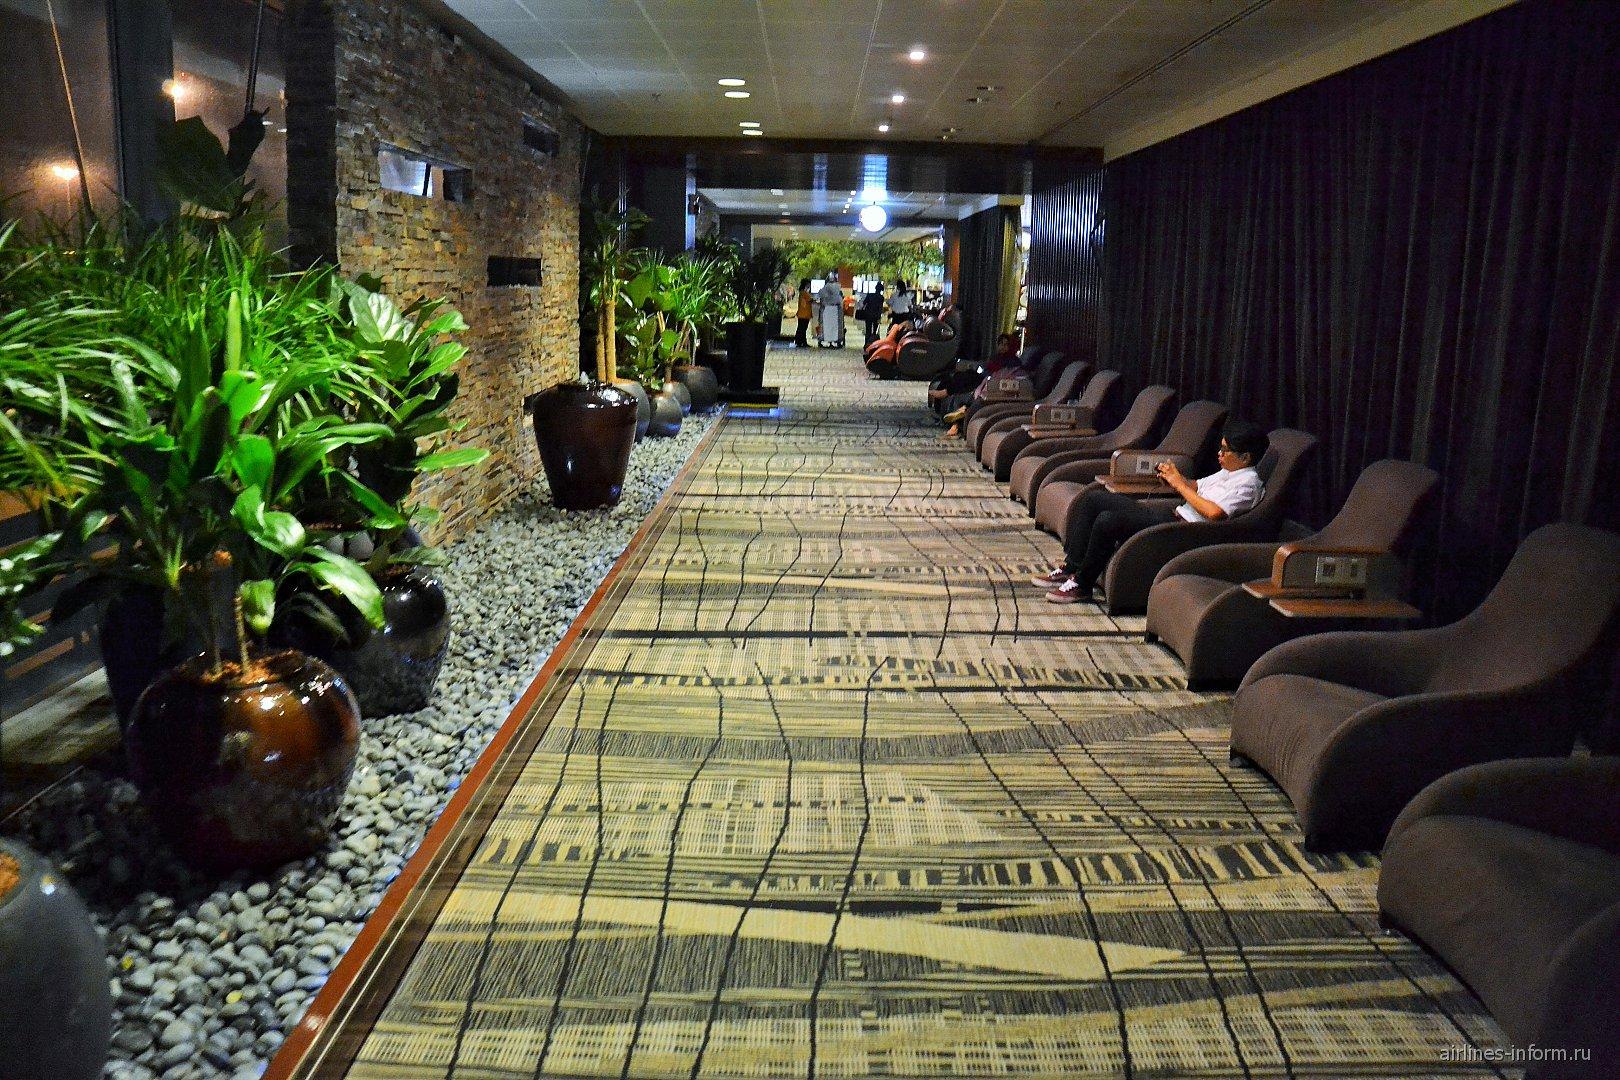 Зона отдыха пассажиров в терминале 3 аэропорта Сингапур Чанги